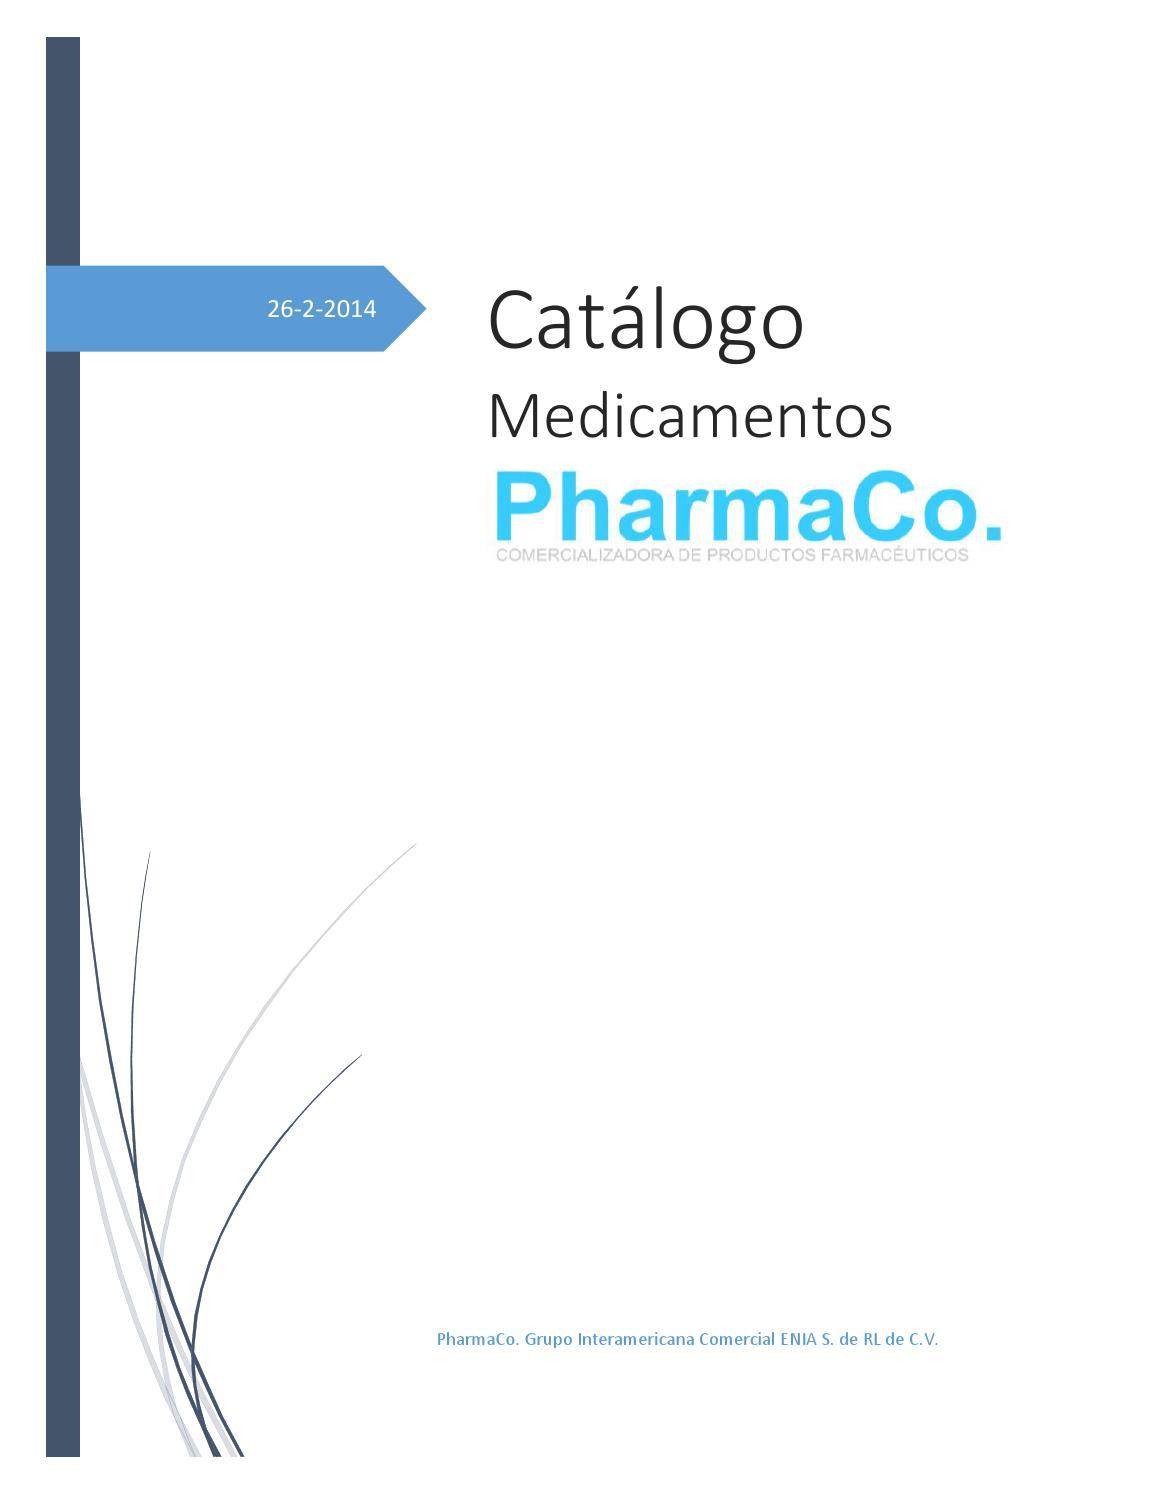 Catalogo Pharmaco By Pharmaco Issuu